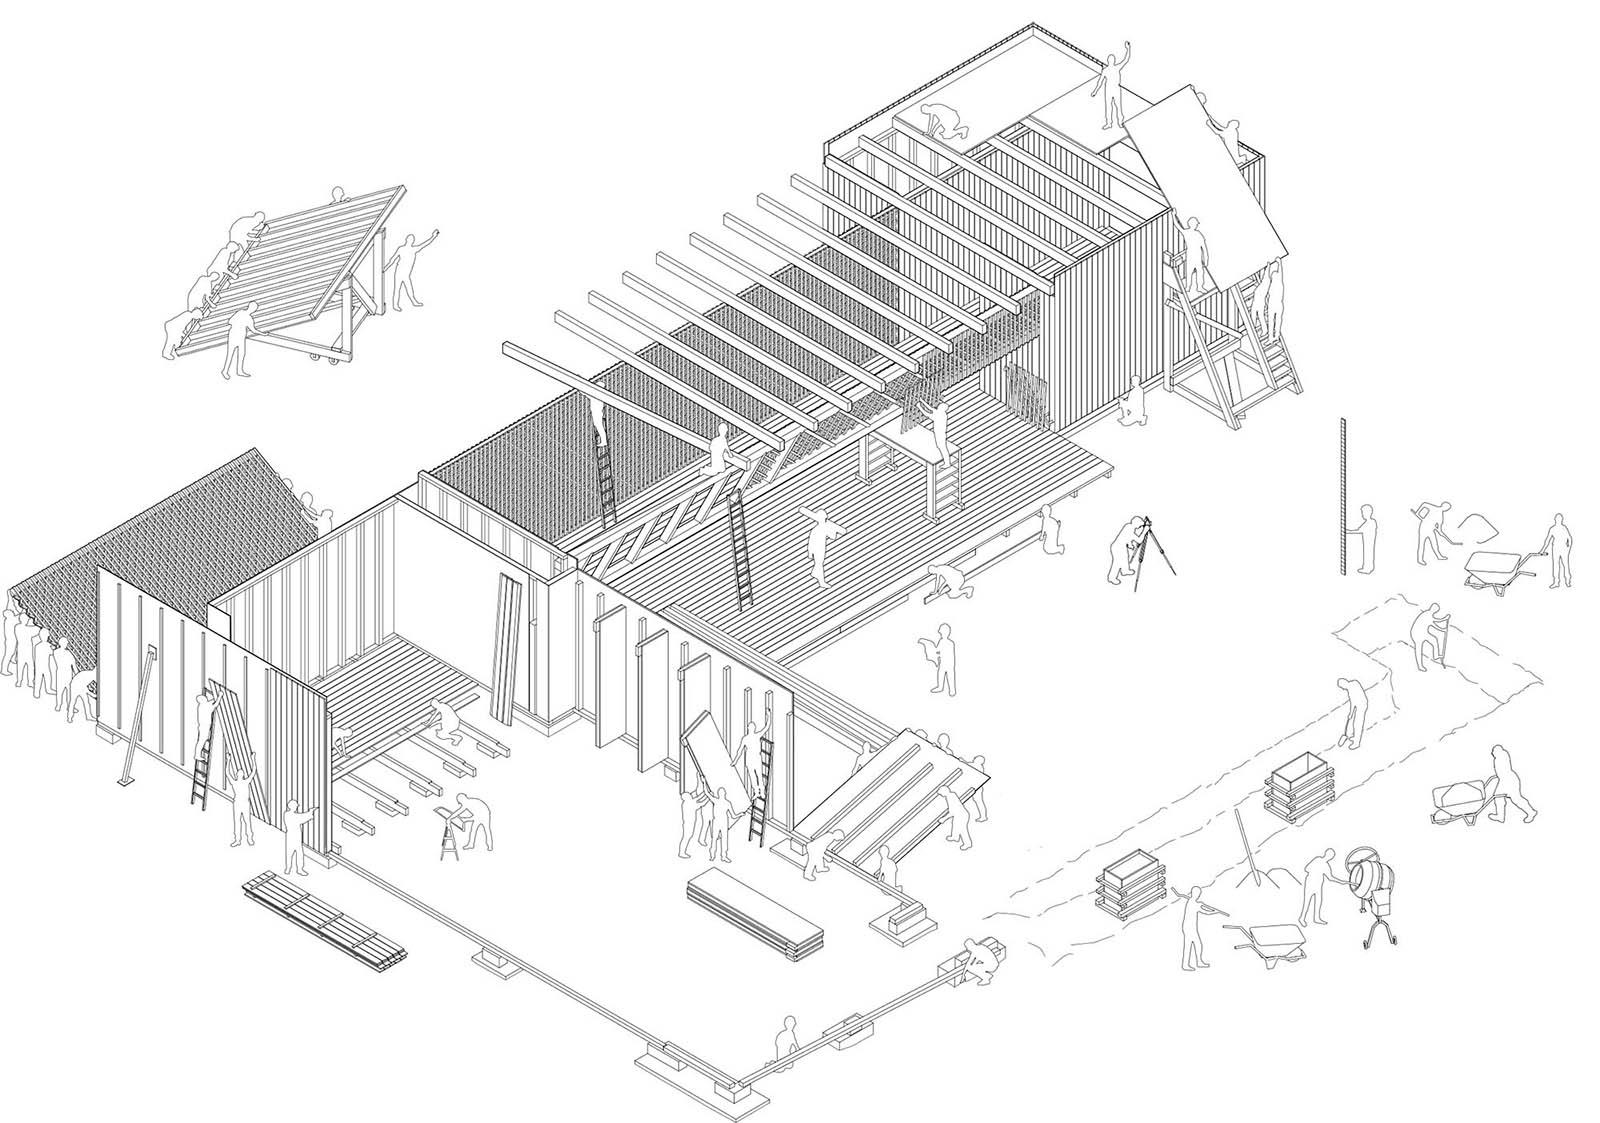 Gemeinschaftshaus Spinelli.  Schema der Arbeitsprozesse auf der Baustelle.